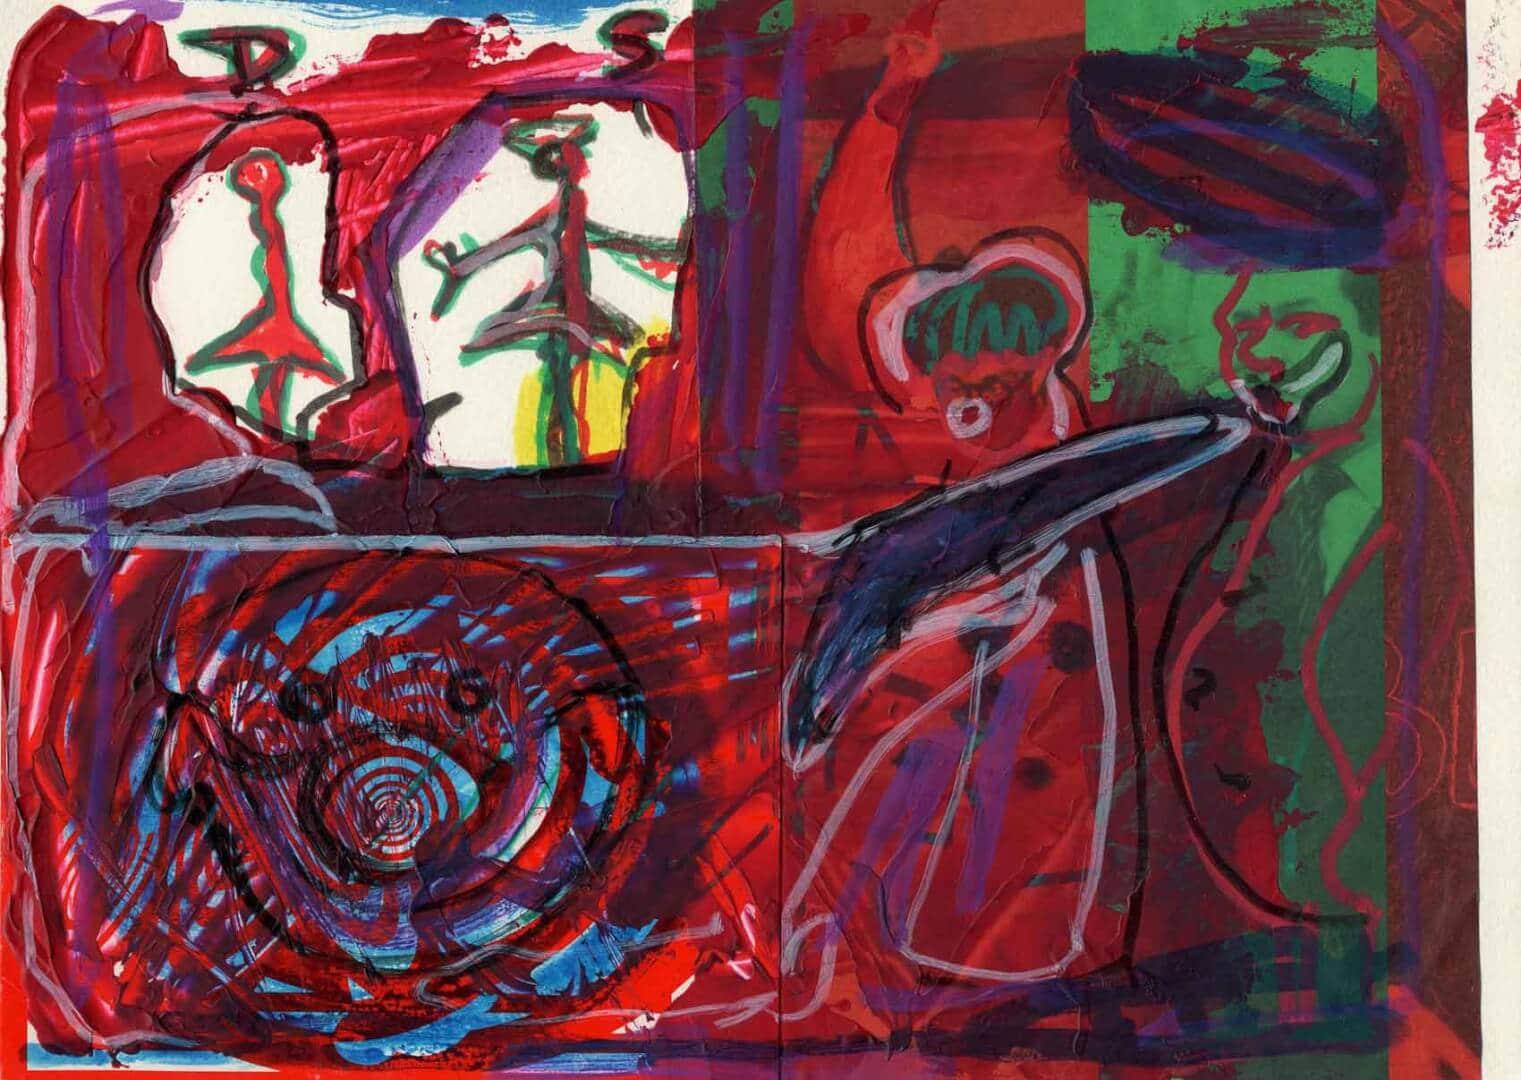 Des chinois © David Noir | Dessins, peintures, collages